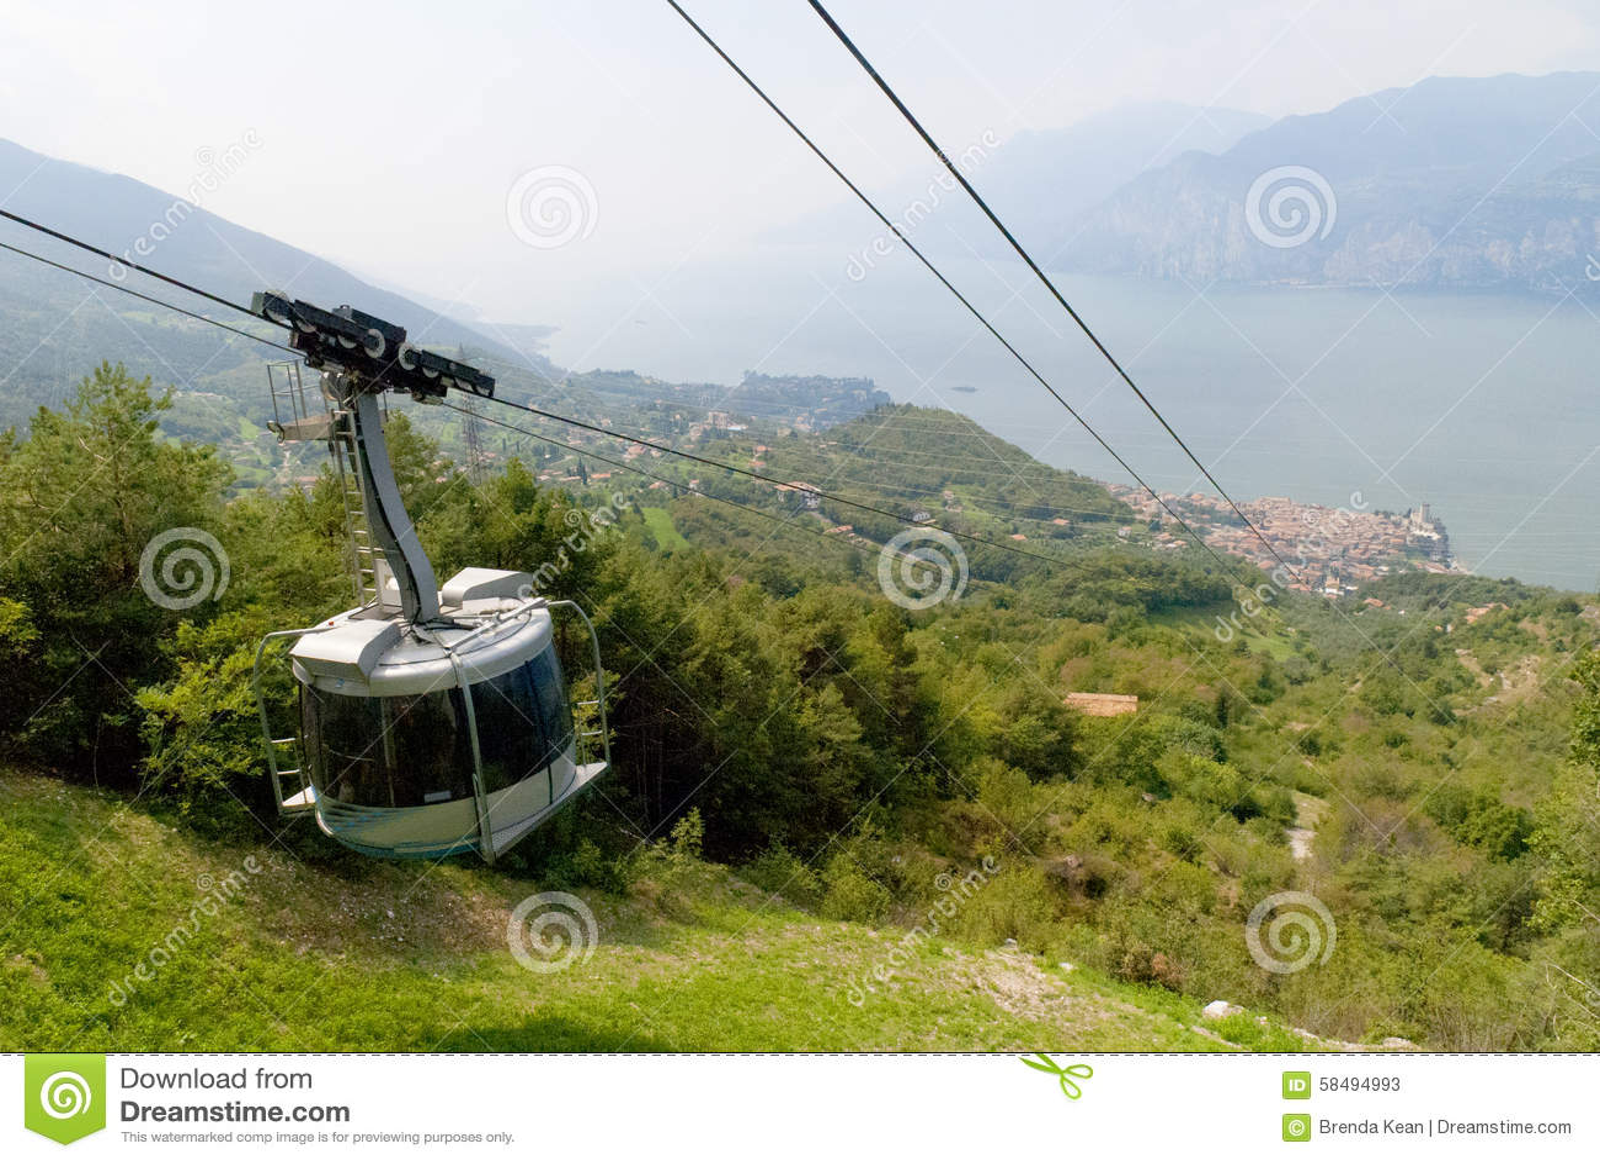 Monte Baldo Cable Car Prices